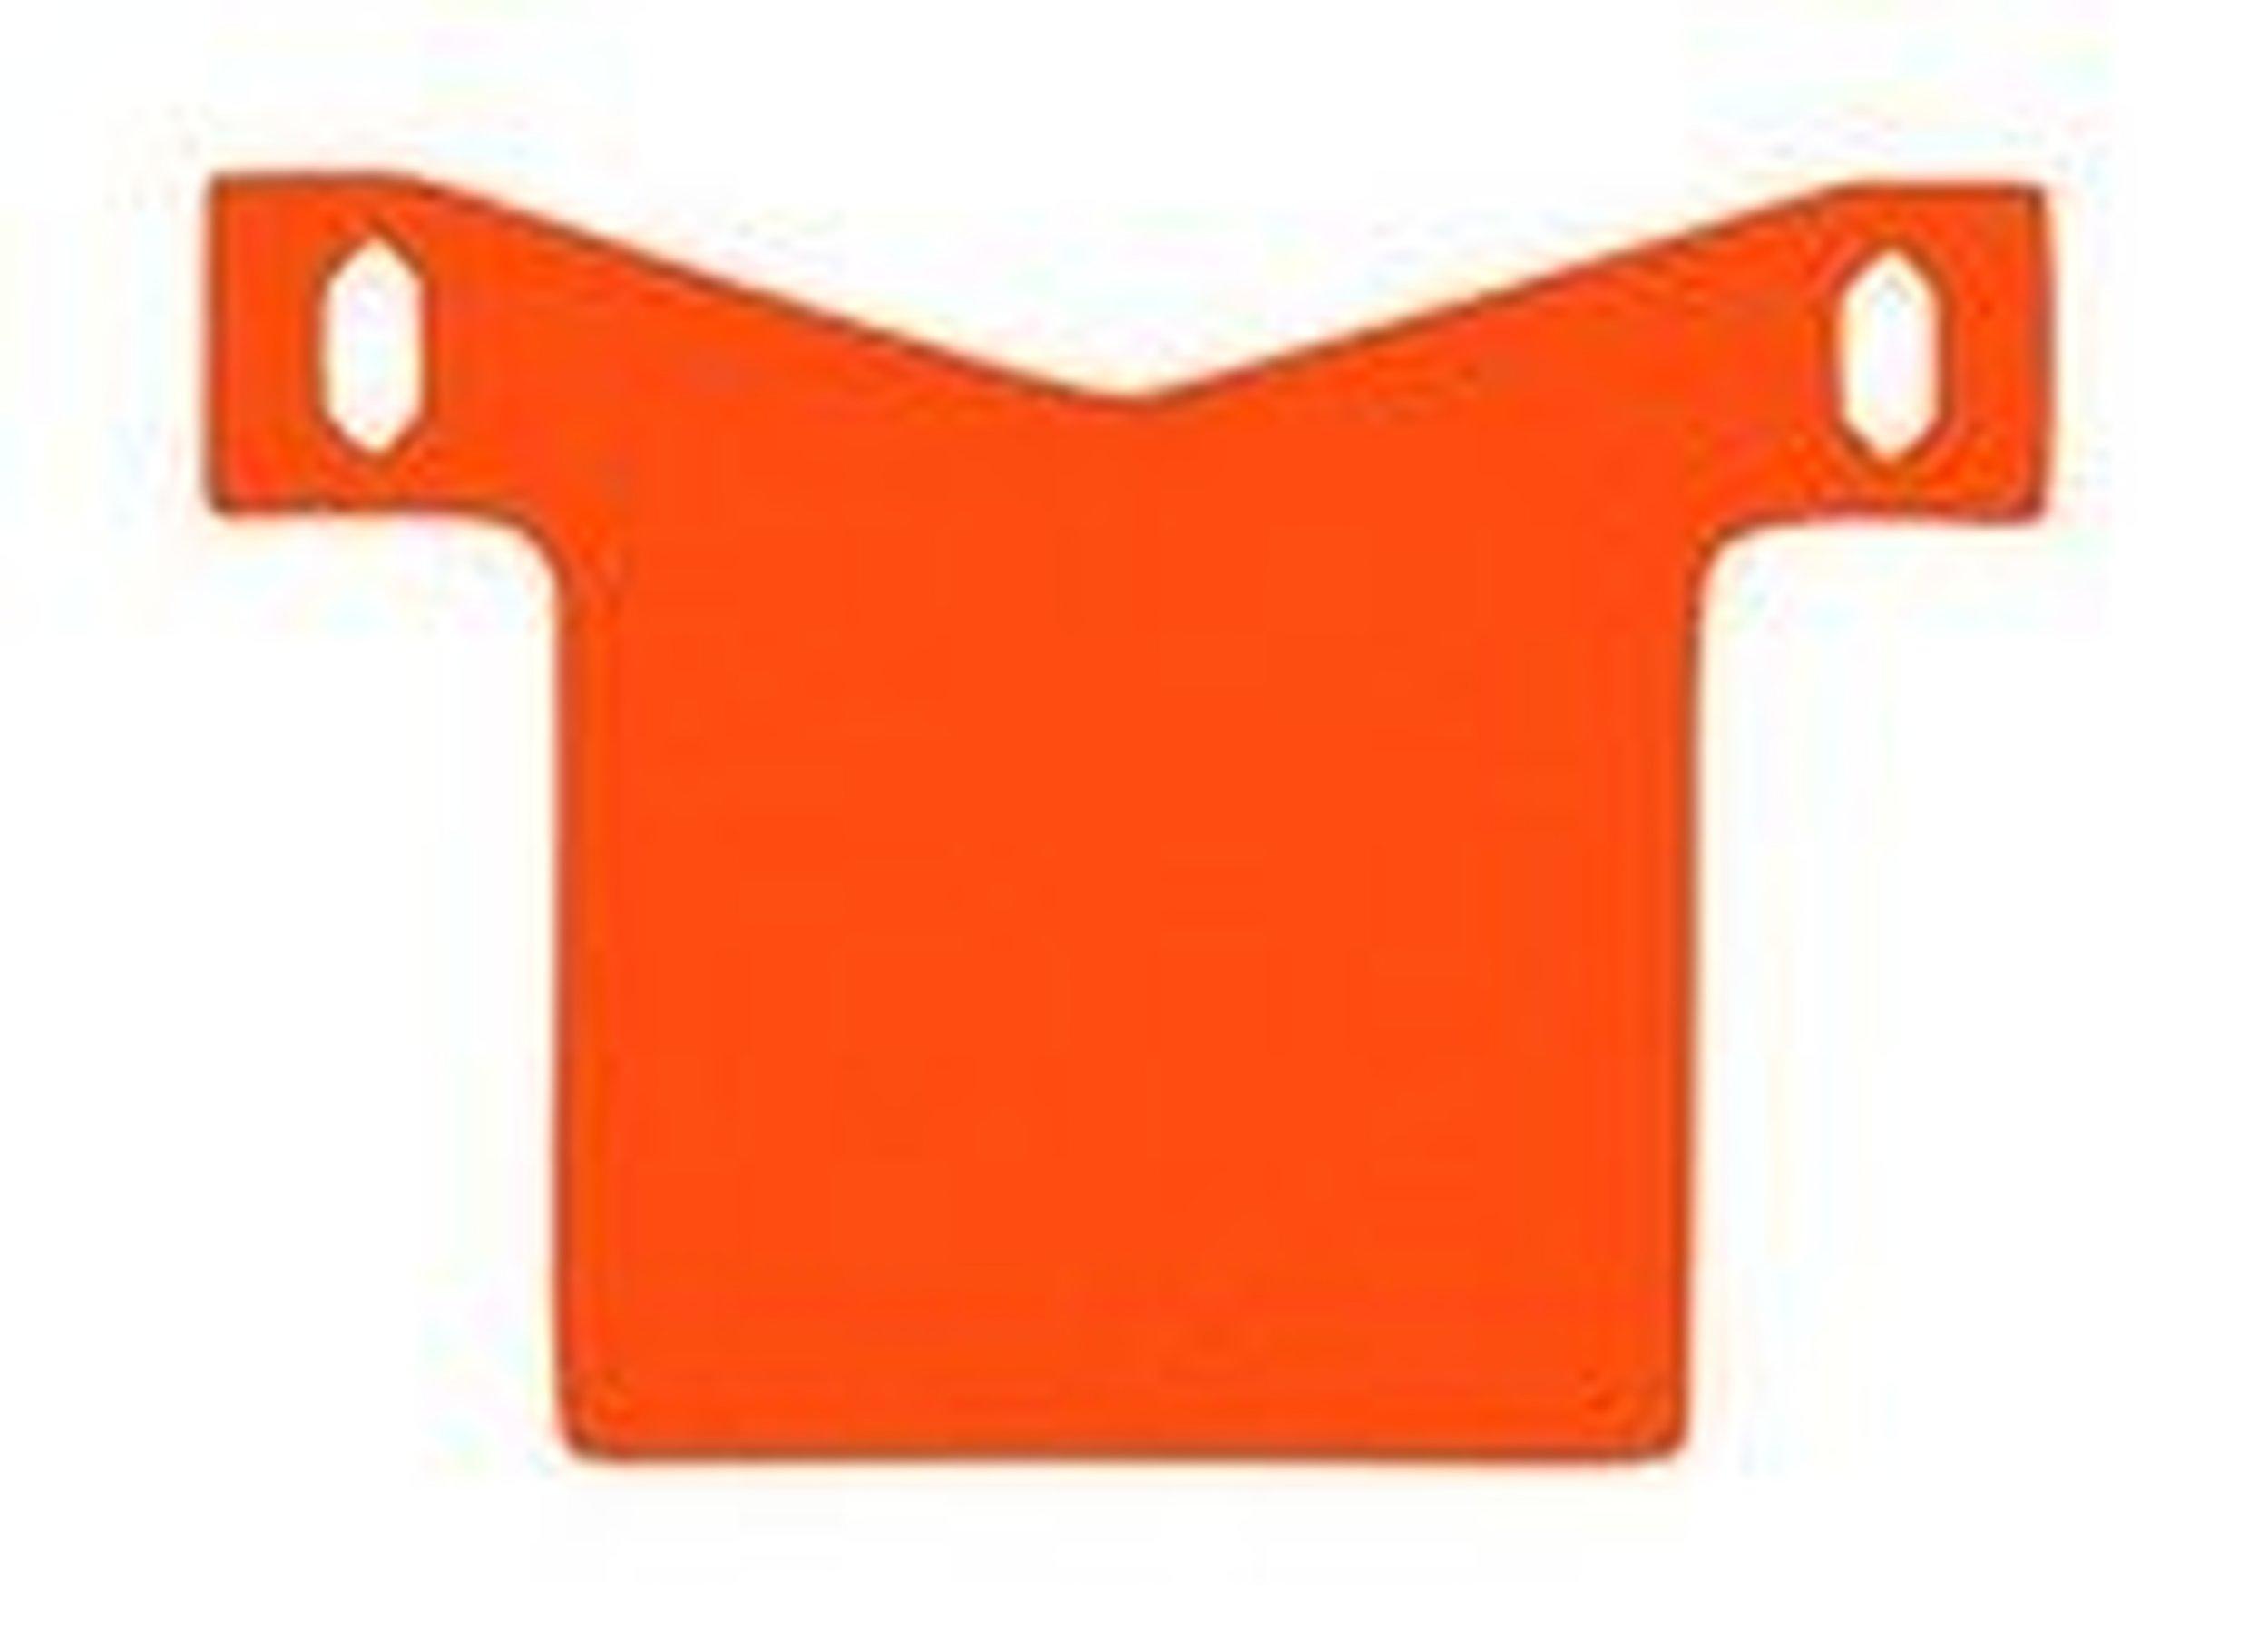 Półka na telefon Load-Ding pomarańczowa - małe zdjęcie